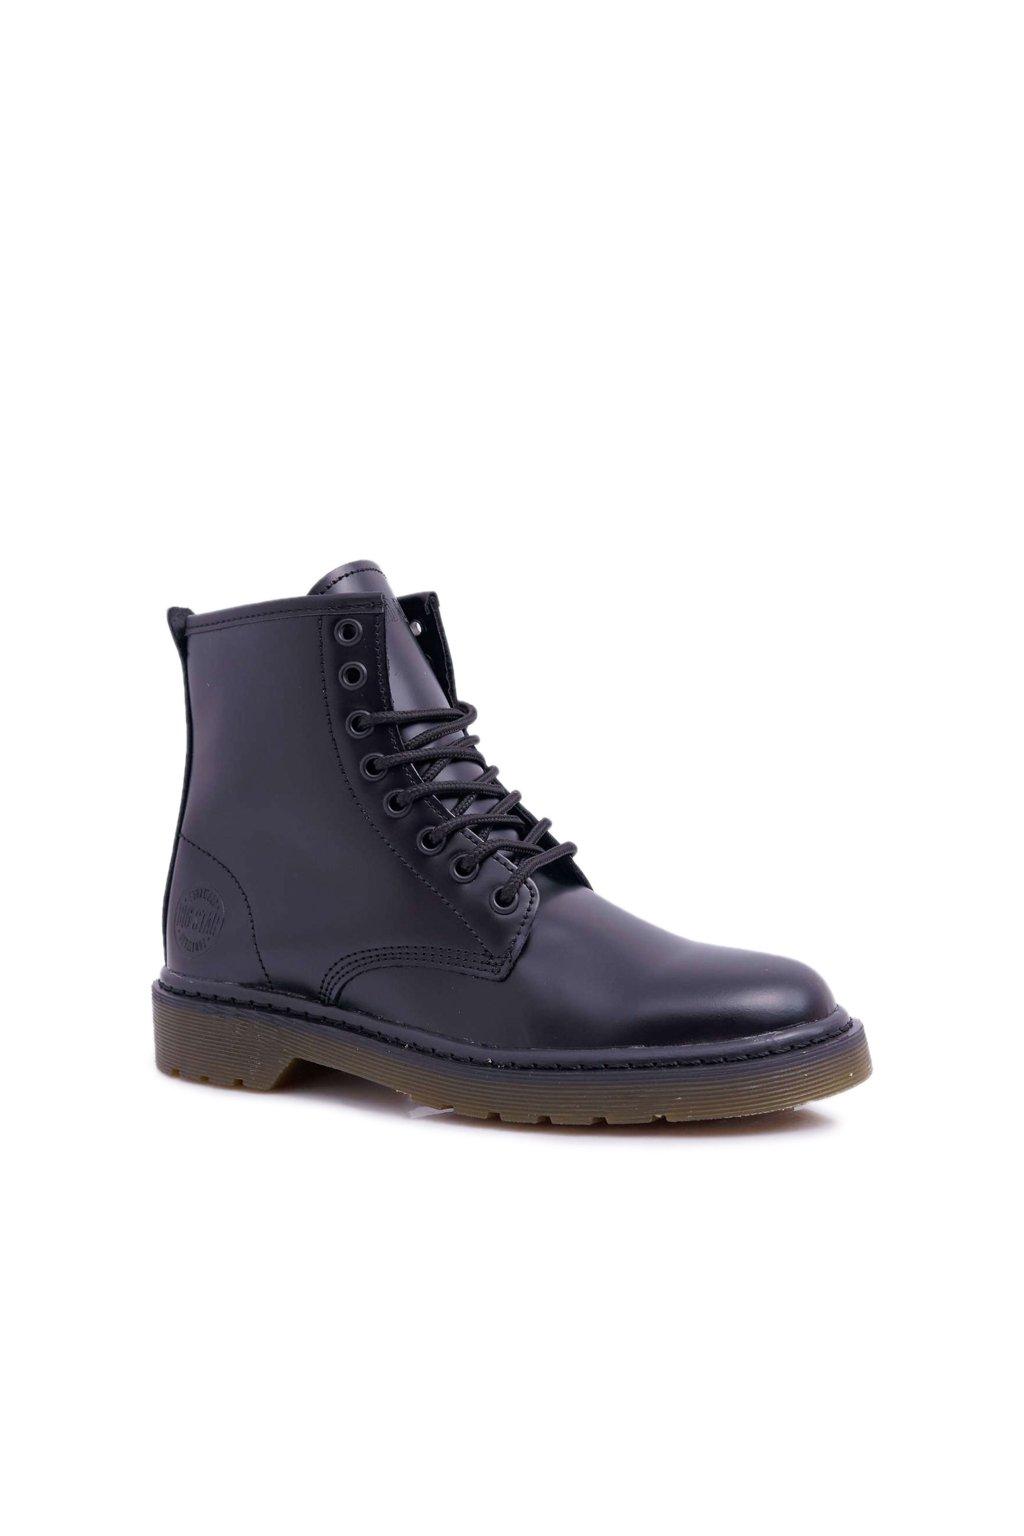 Členkové topánky na podpätku farba čierna kód obuvi EE274001 BLK